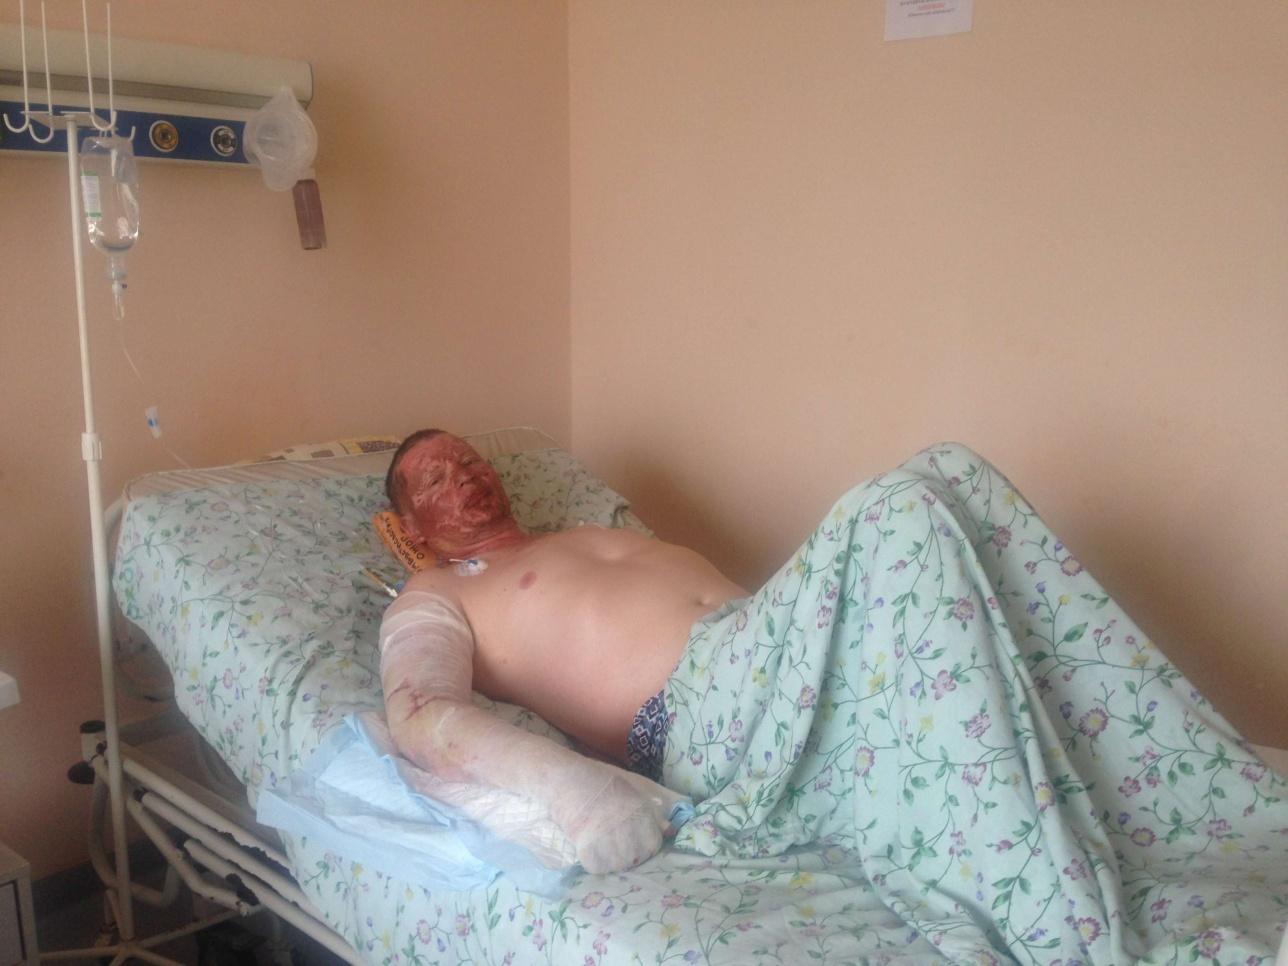 Павел Черепанов совершил самоподжог во время сноса его гаража